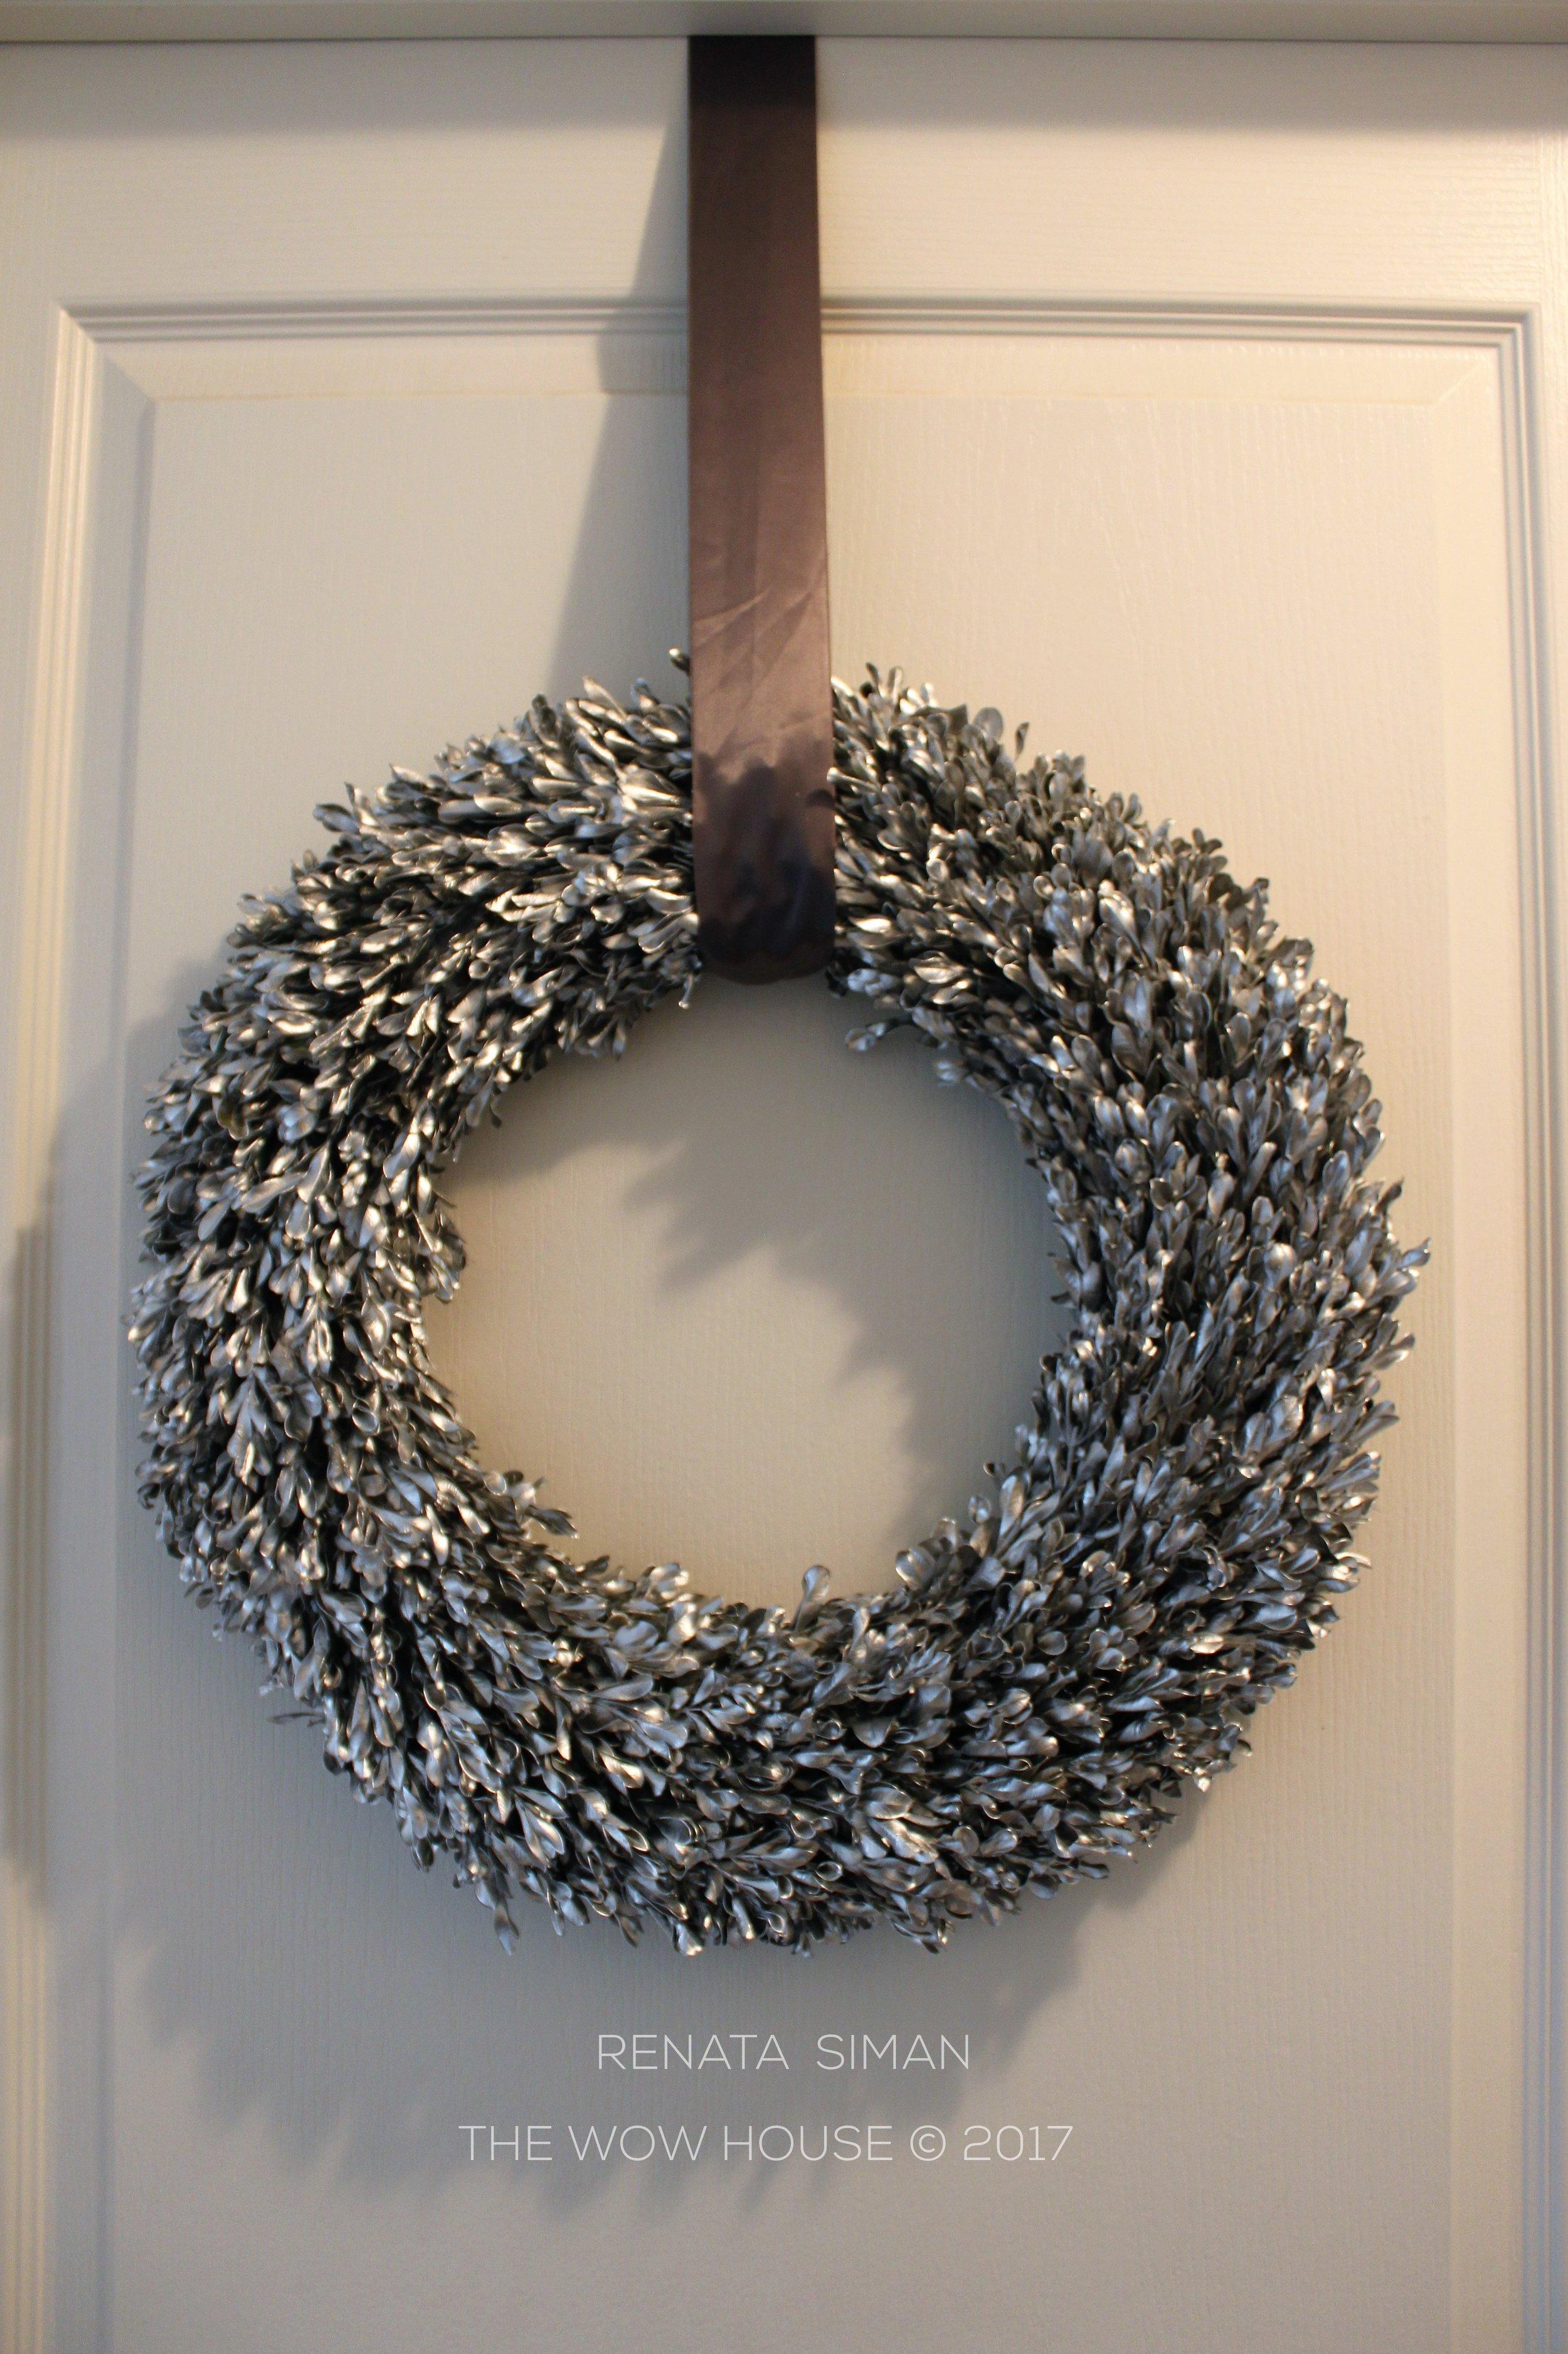 Hung on charcoal-gray satin sash